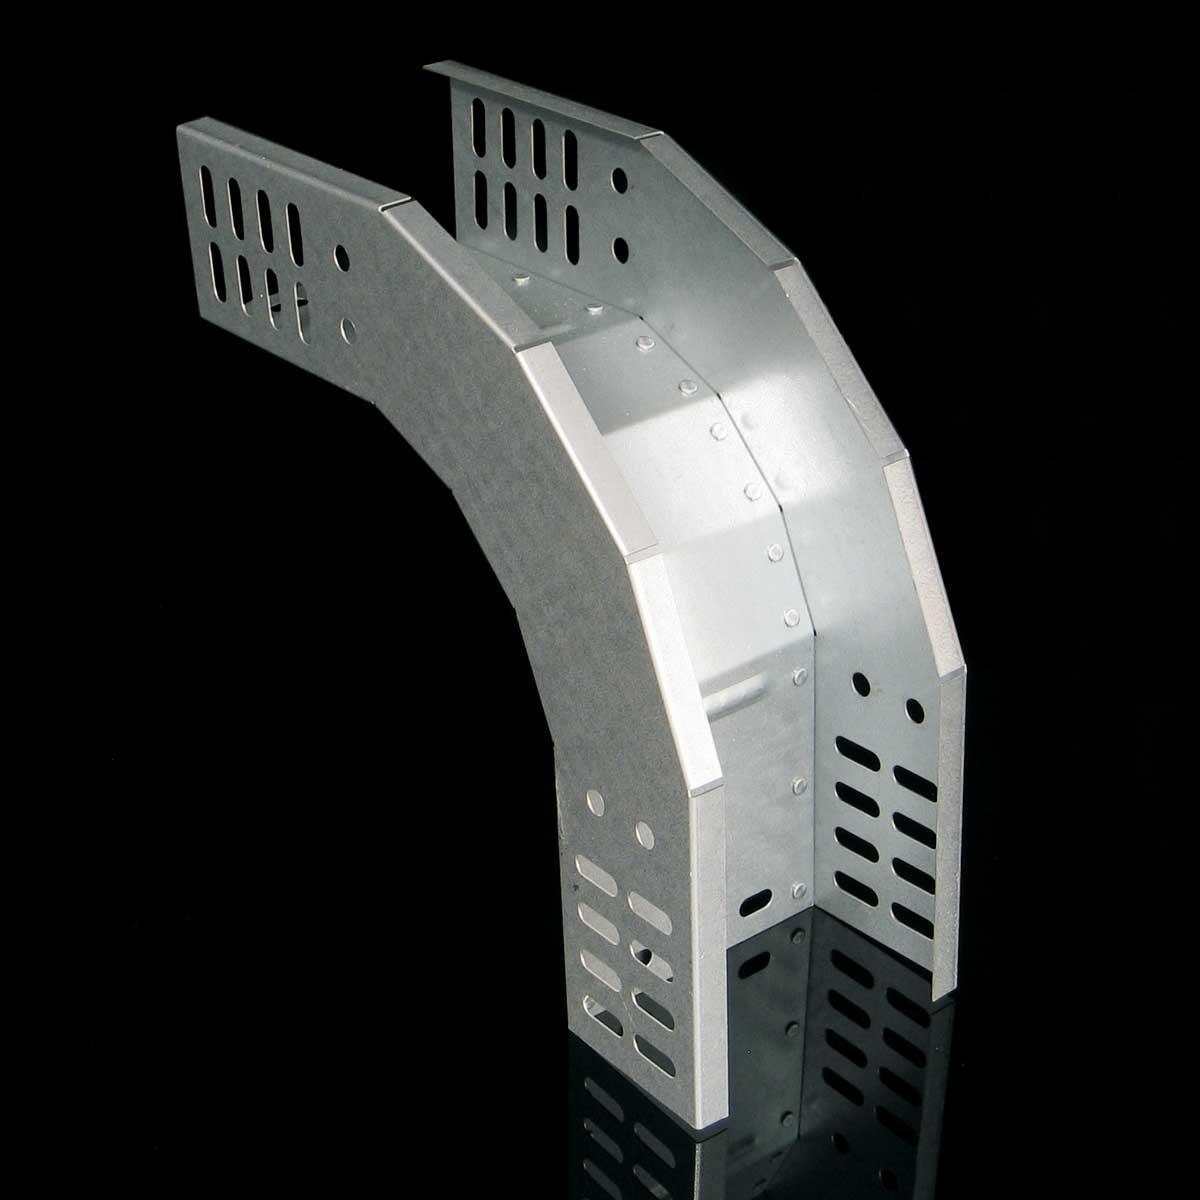 Поворот вертикальний зовнішній 90 для лотка JUPITER; розміри-35x75x220mm Товщ. метал-0,8 Вага-0,4кг/м